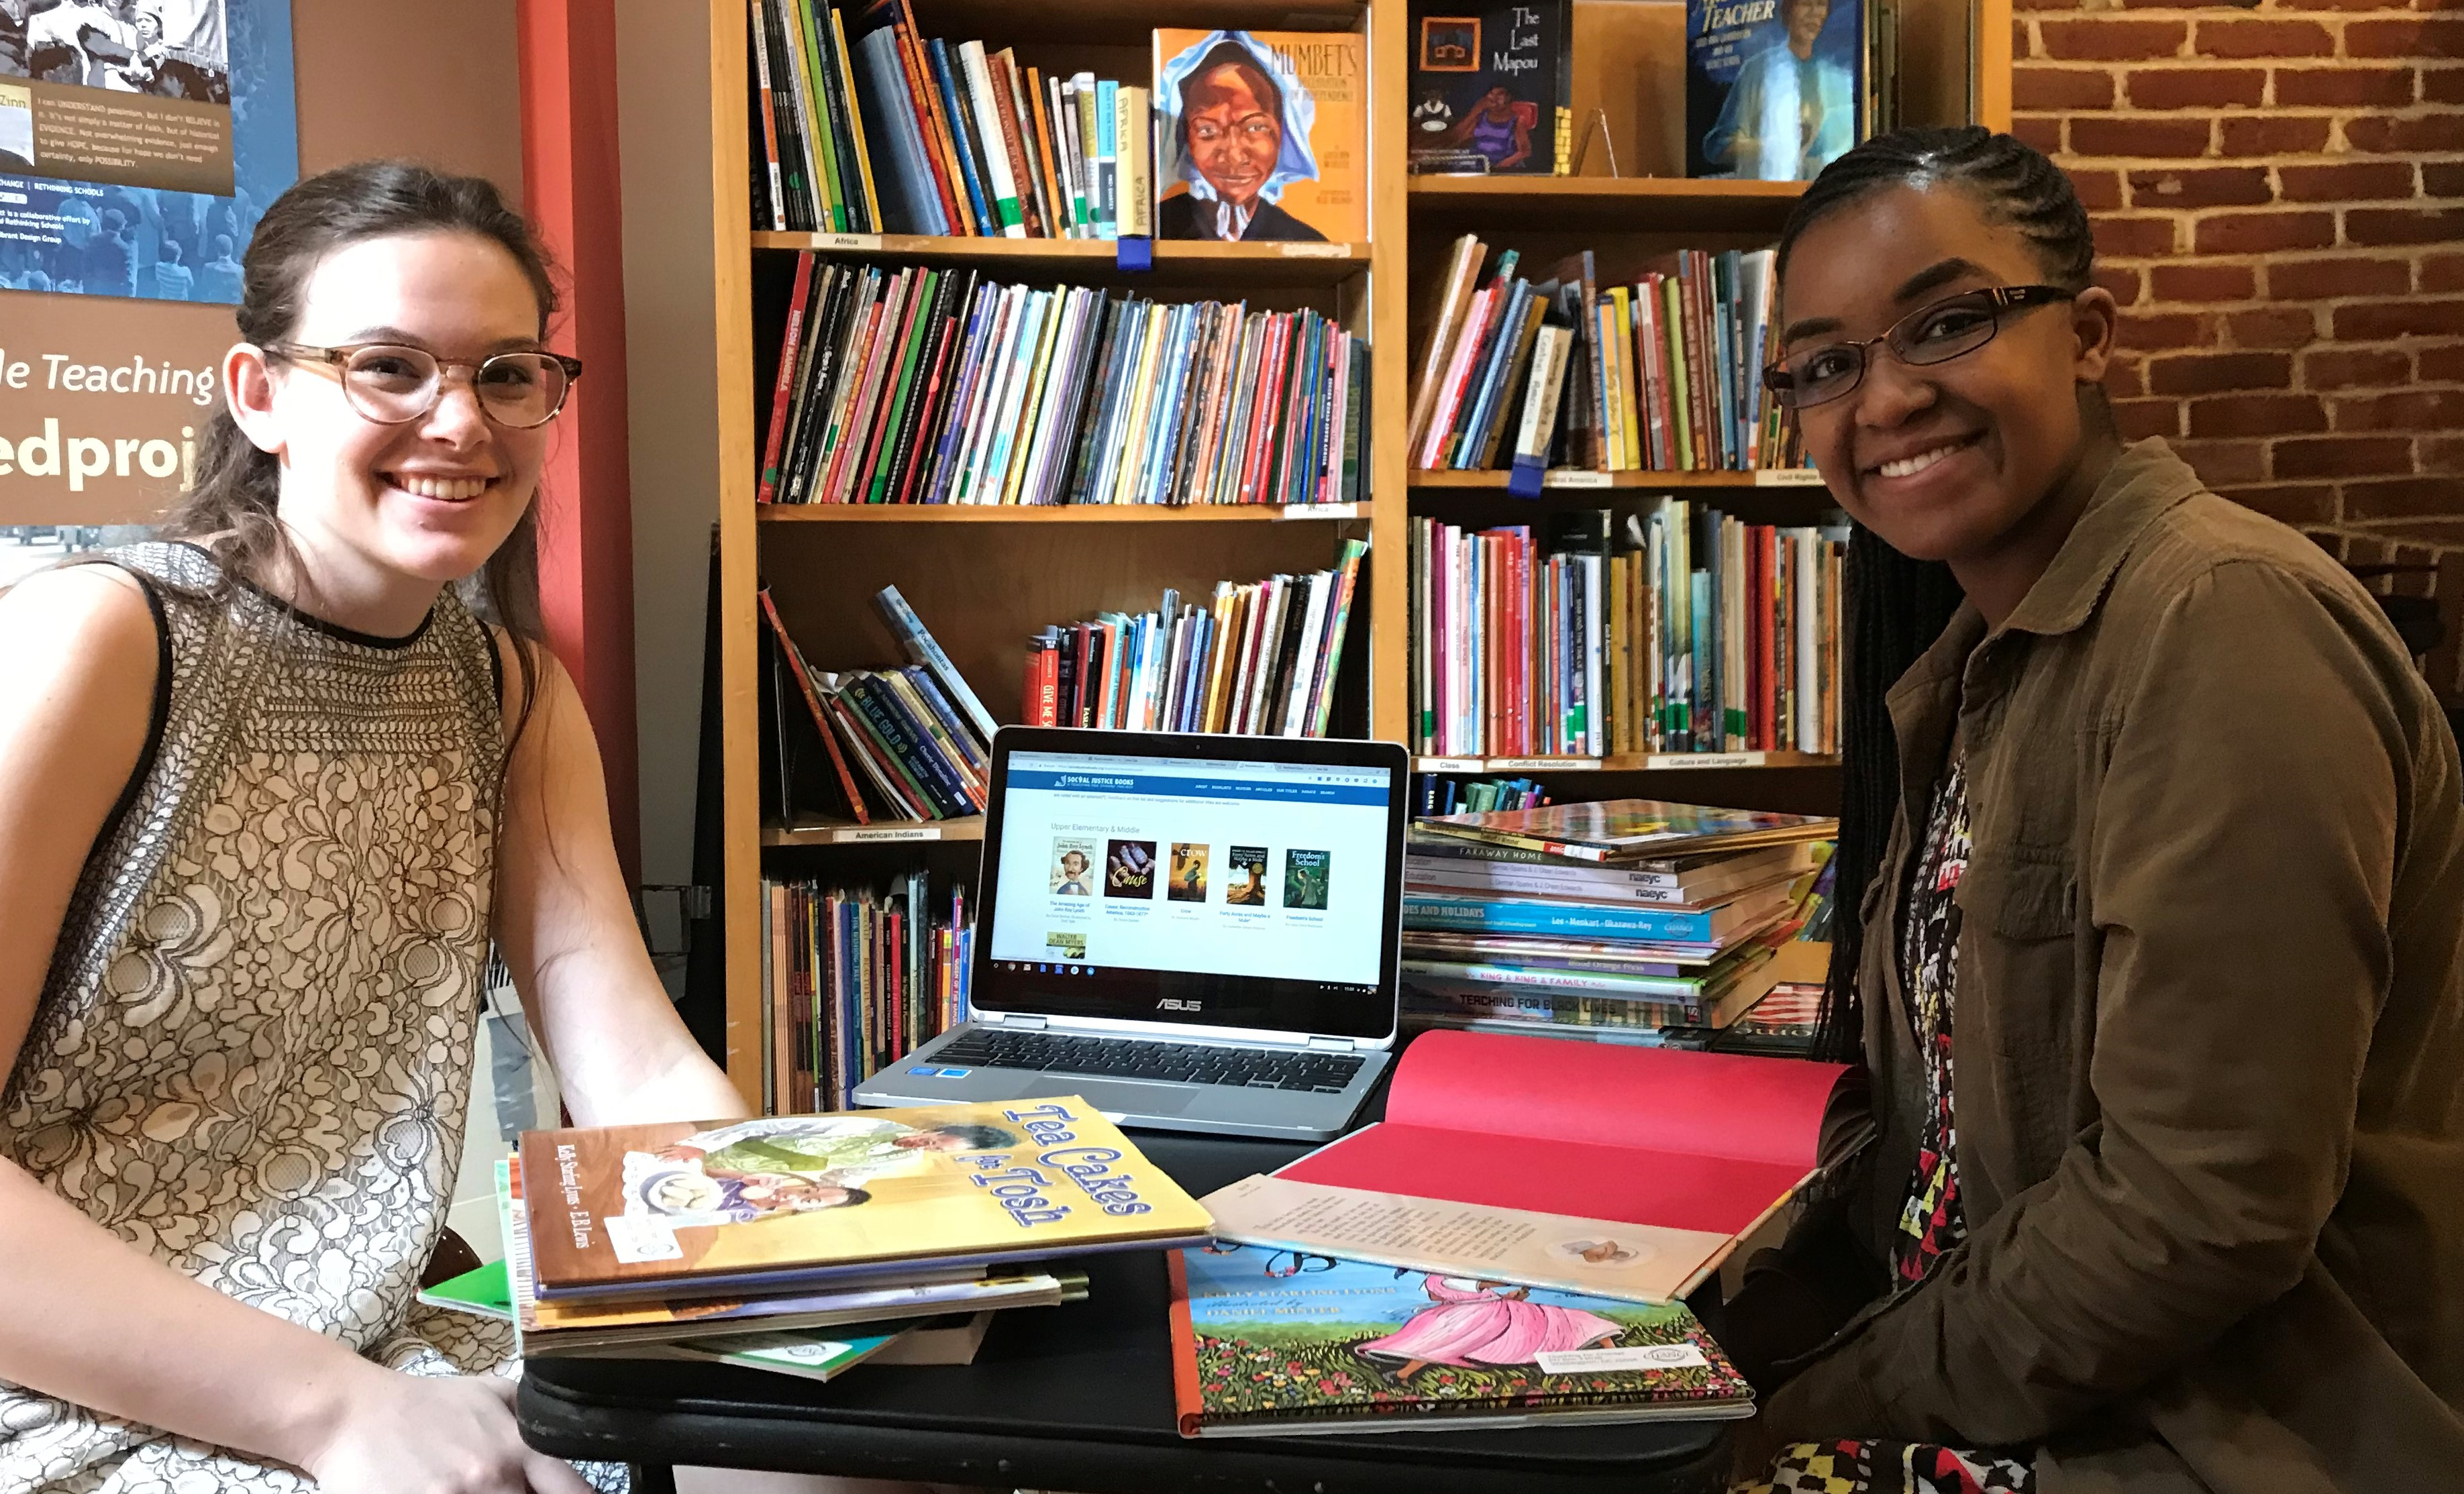 Teaching for Change Summer 2018 Interns Blog - Teaching for